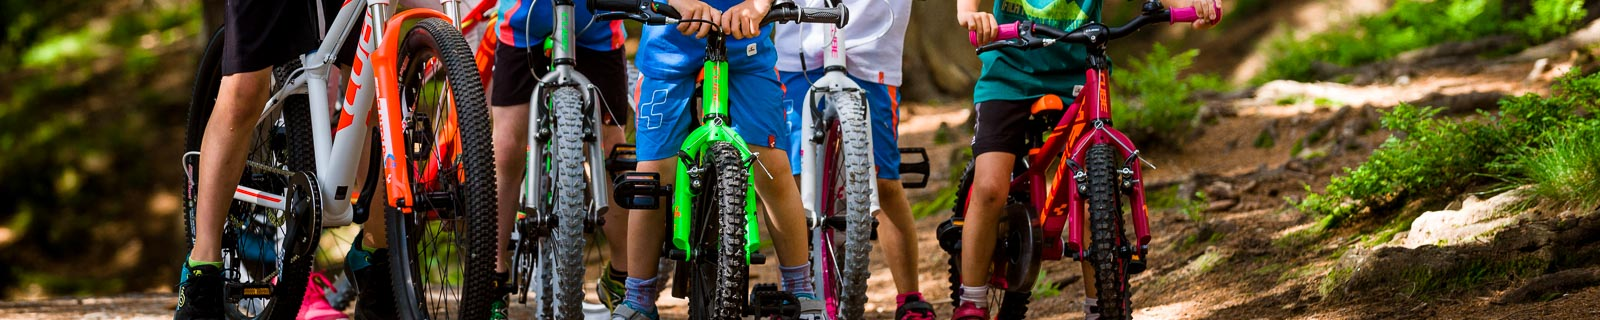 Bici senza pedali e biciclette per Bambini